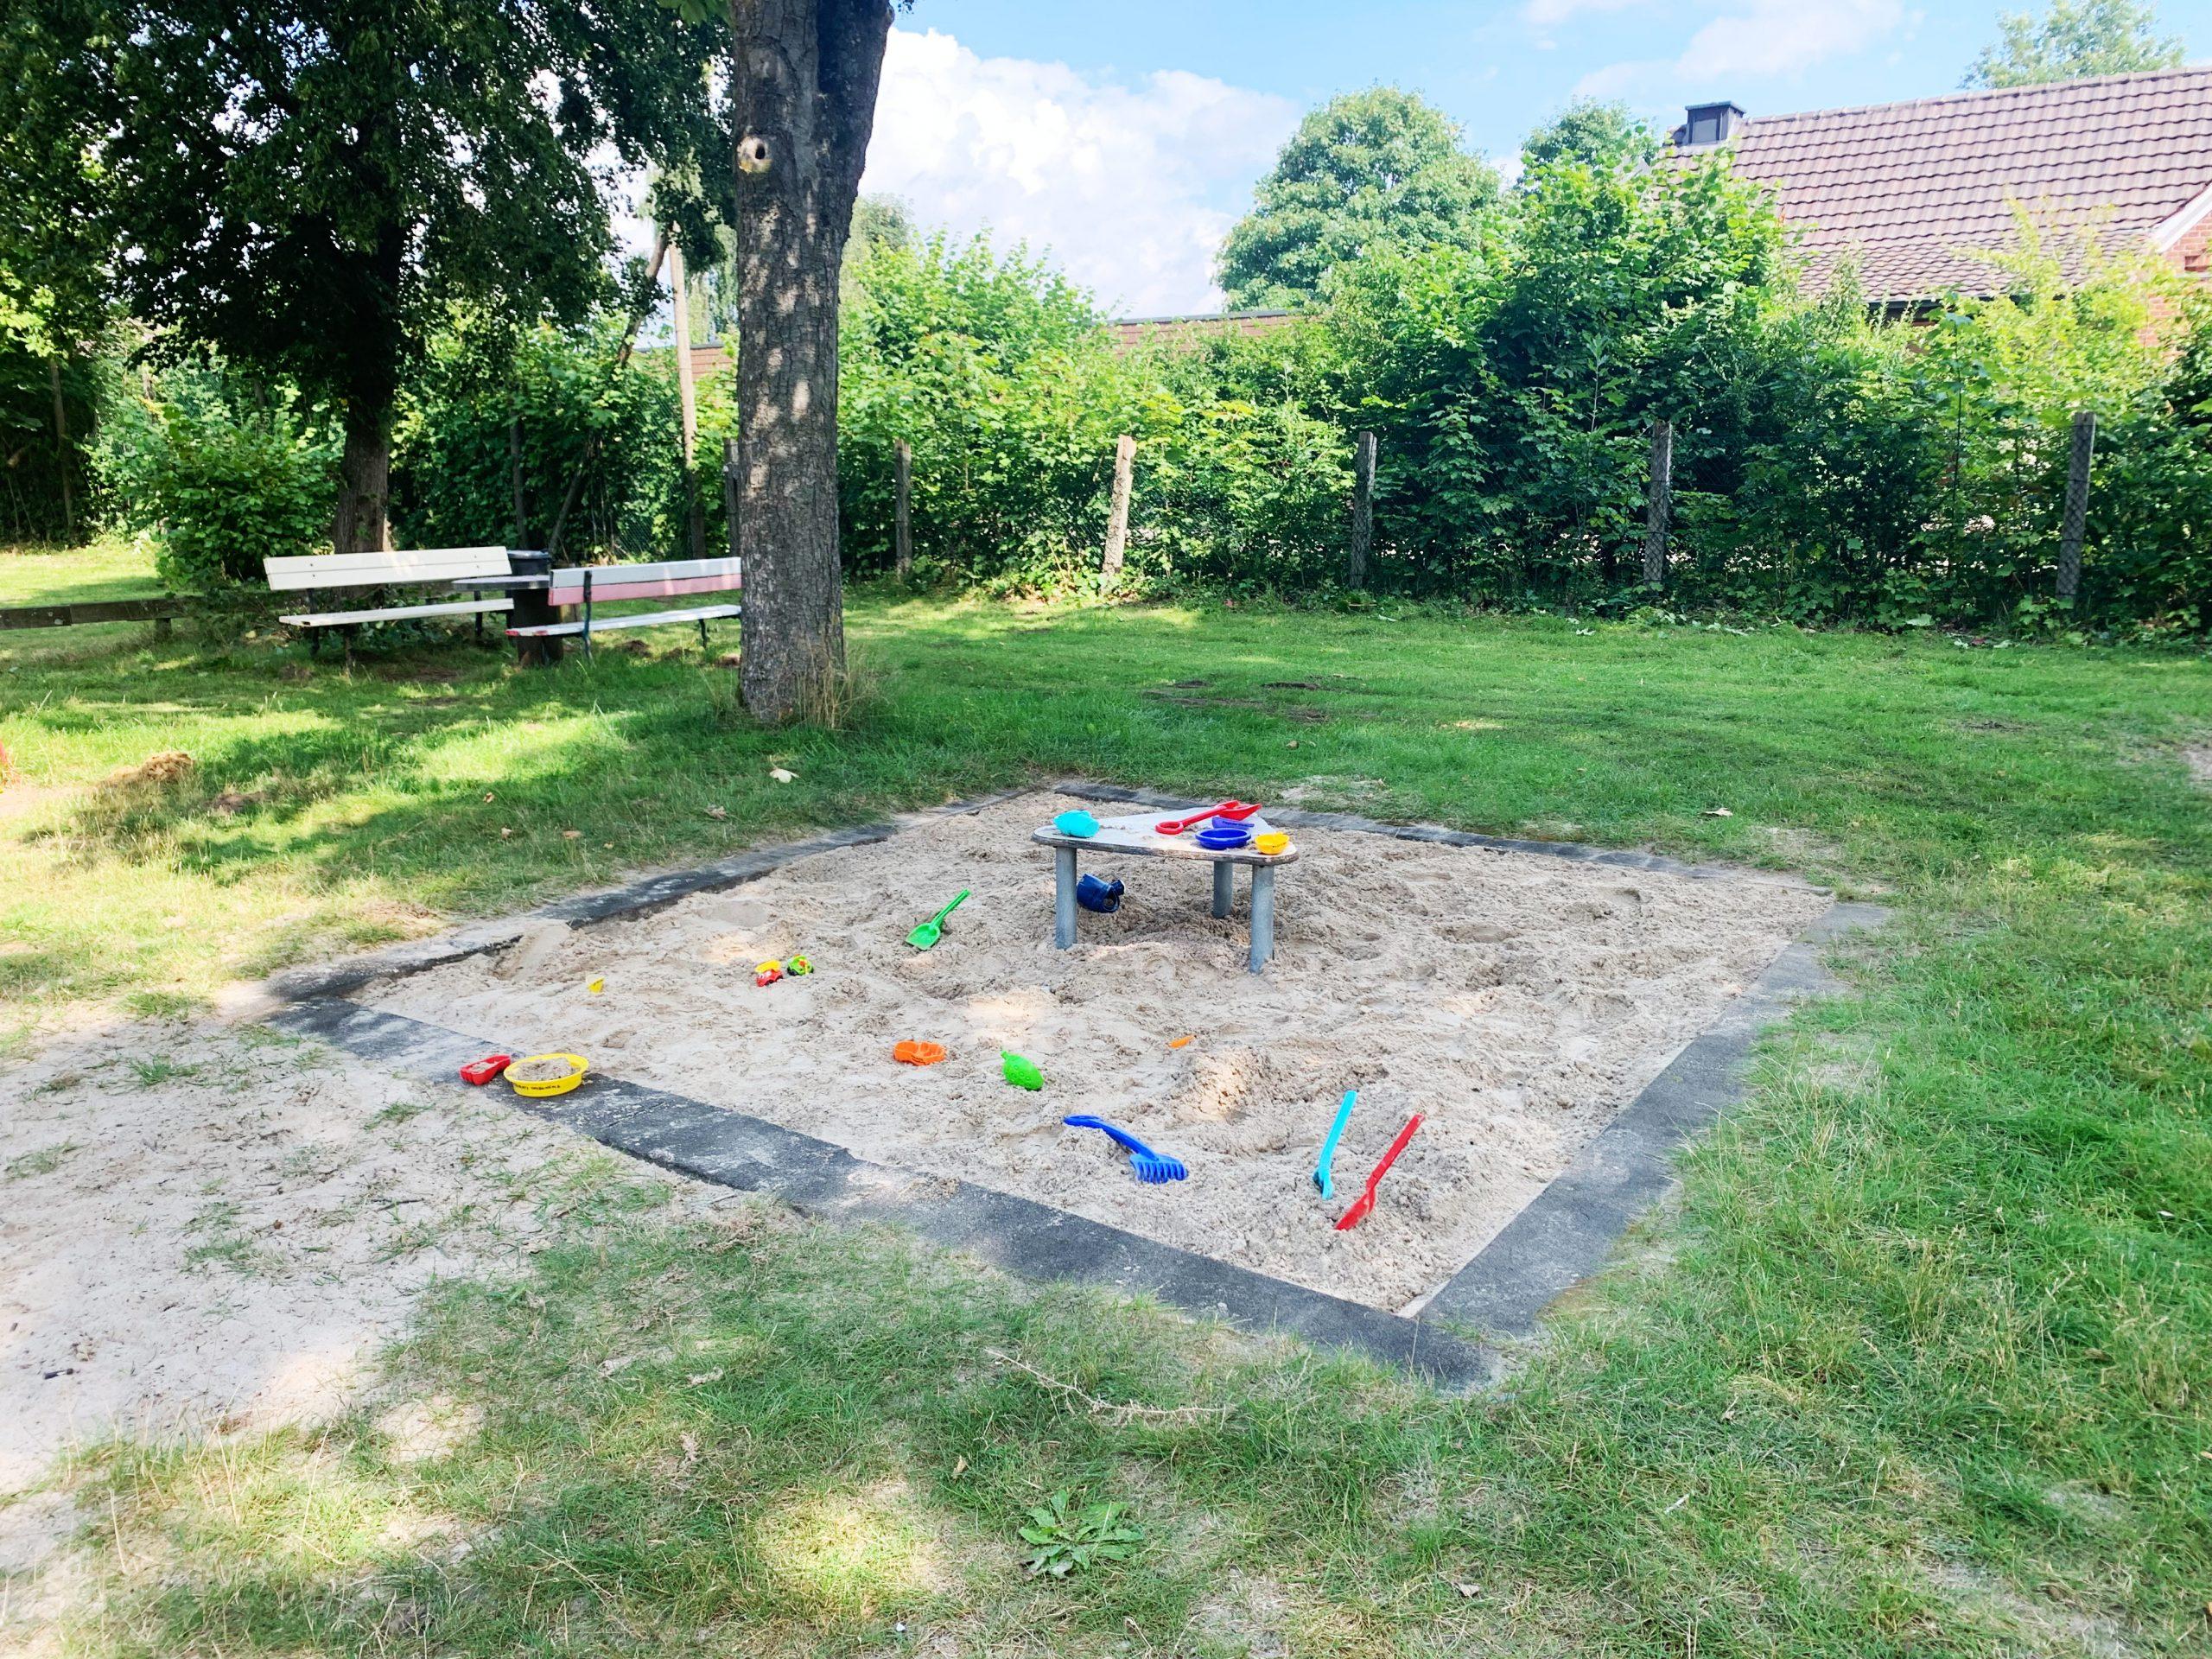 Sandkasten auf dem Spielplatz Hasenhöhle in Rheine-Mesum